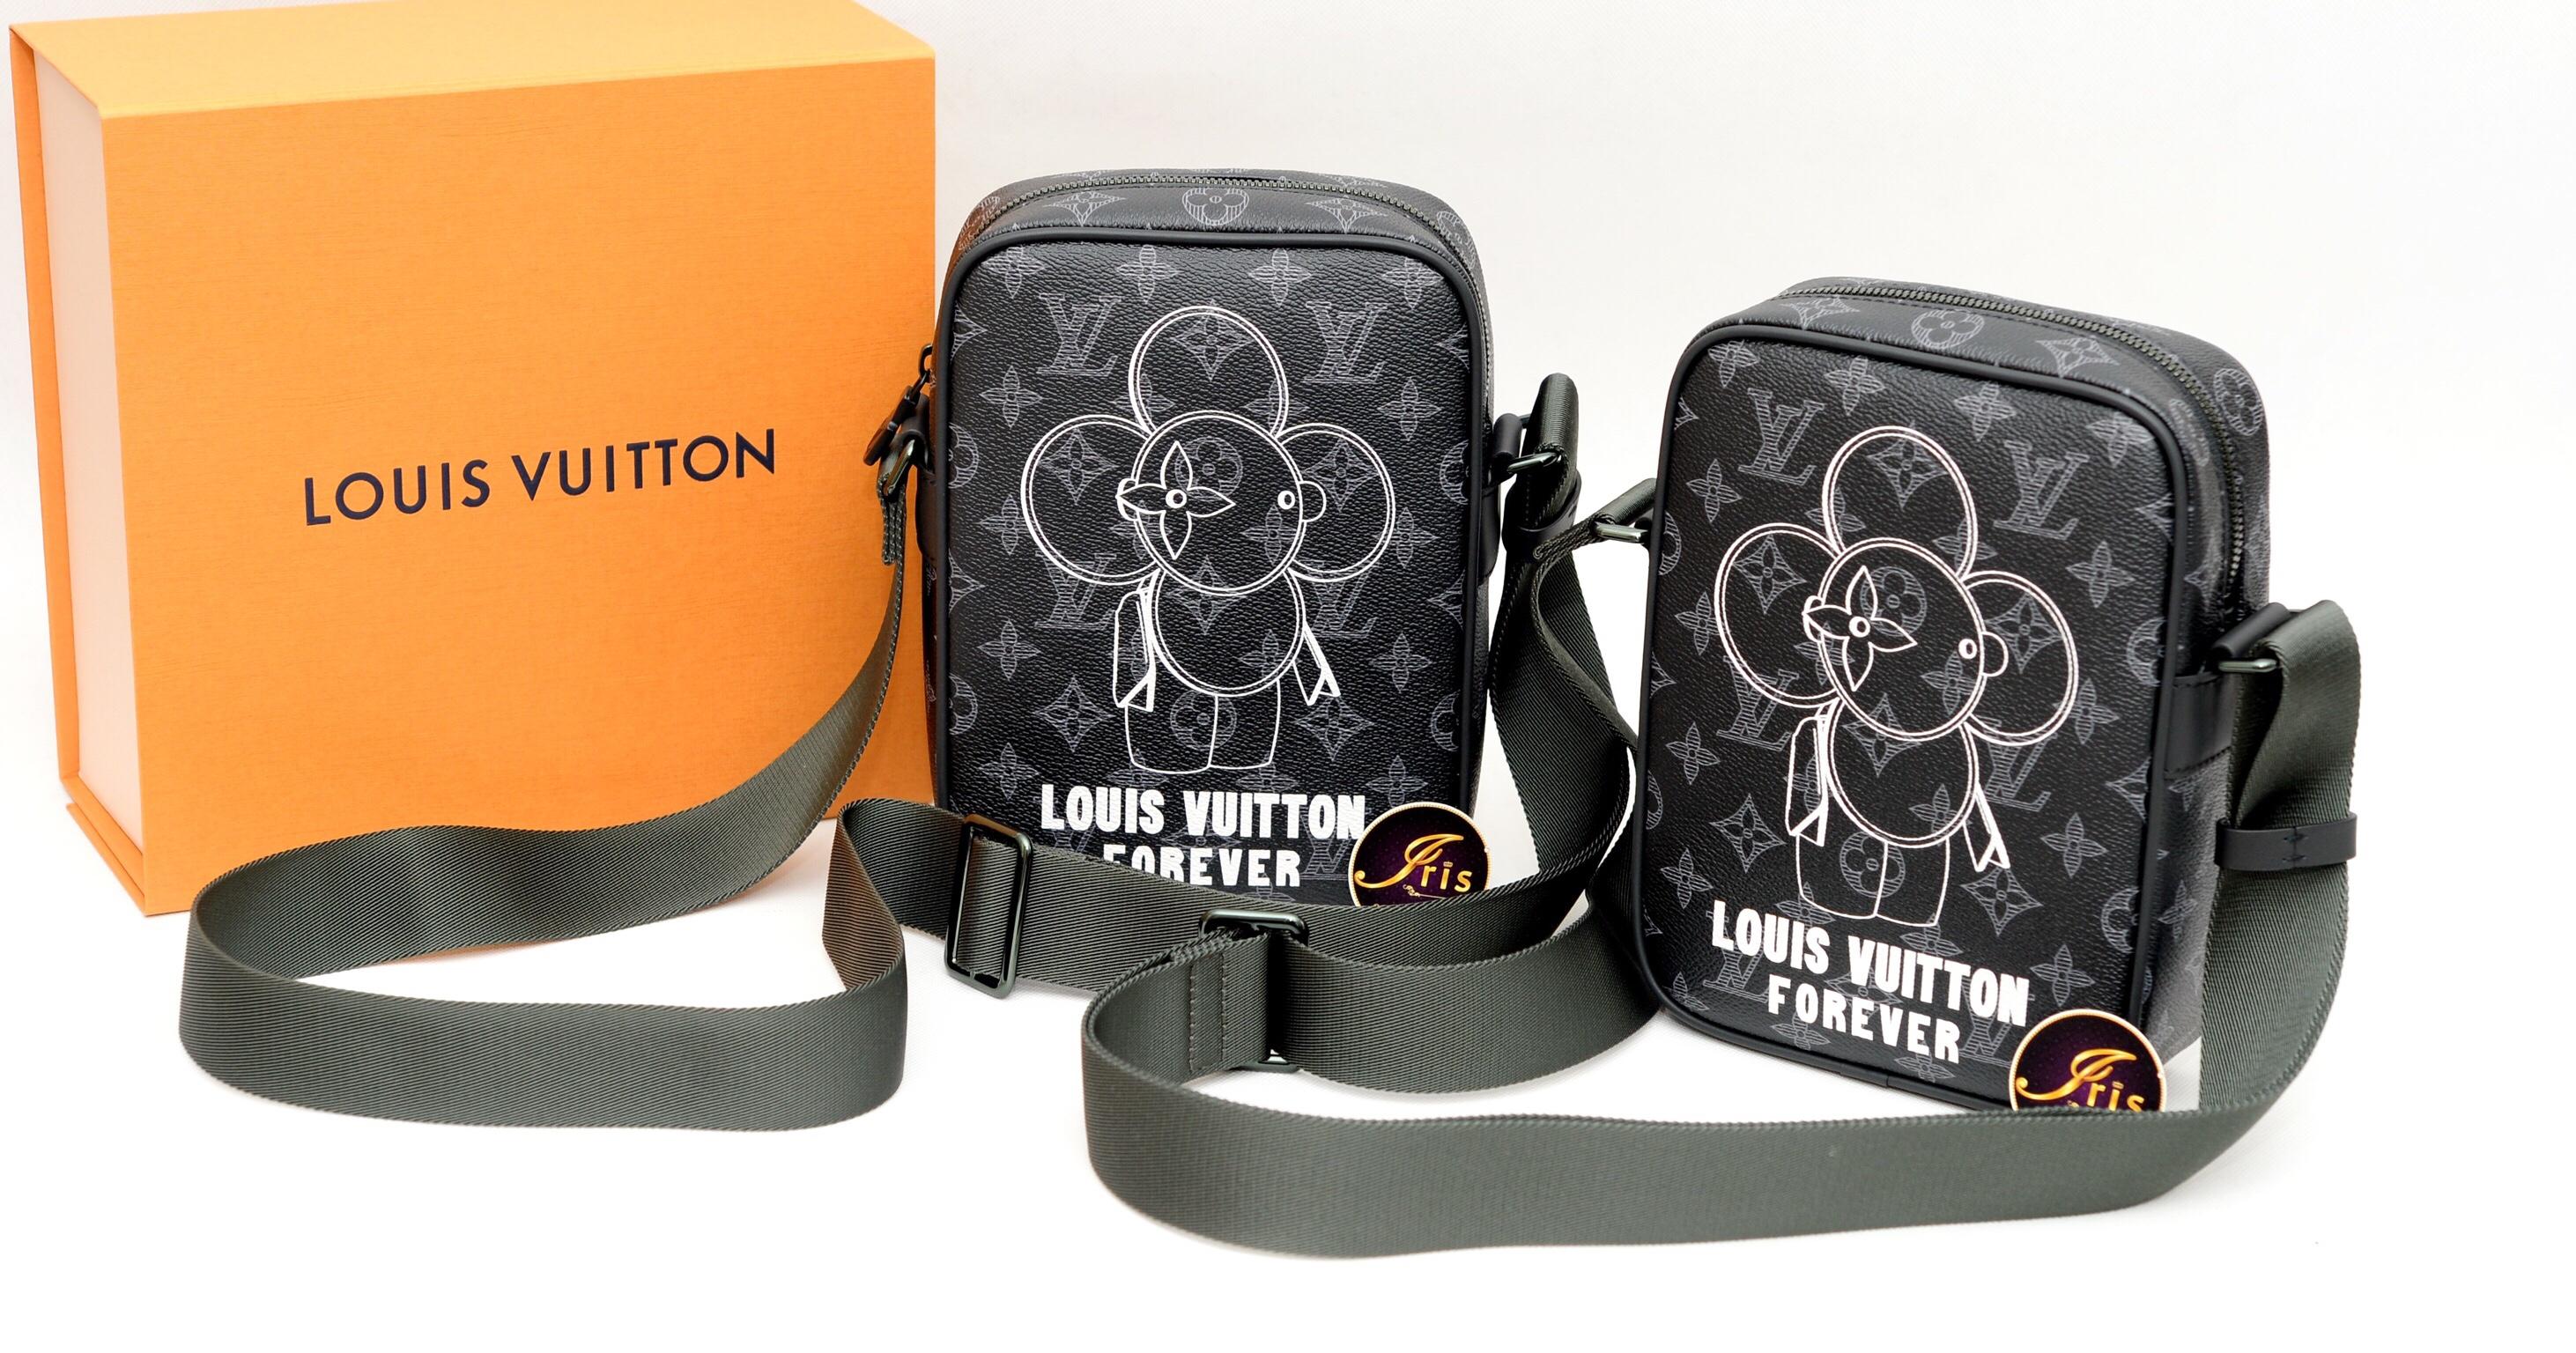 กระเป๋า LV FOREVER VIVIENNE ECLIPS LIMITEDใบนี้เลิกพูดเรื่องความหายาก  เพราะหาไม่ได้แล้วจร้า!!!!! หมดแล้ว หมดเลย ของใหม่ พร้อมส่ง 997909b8a1f3